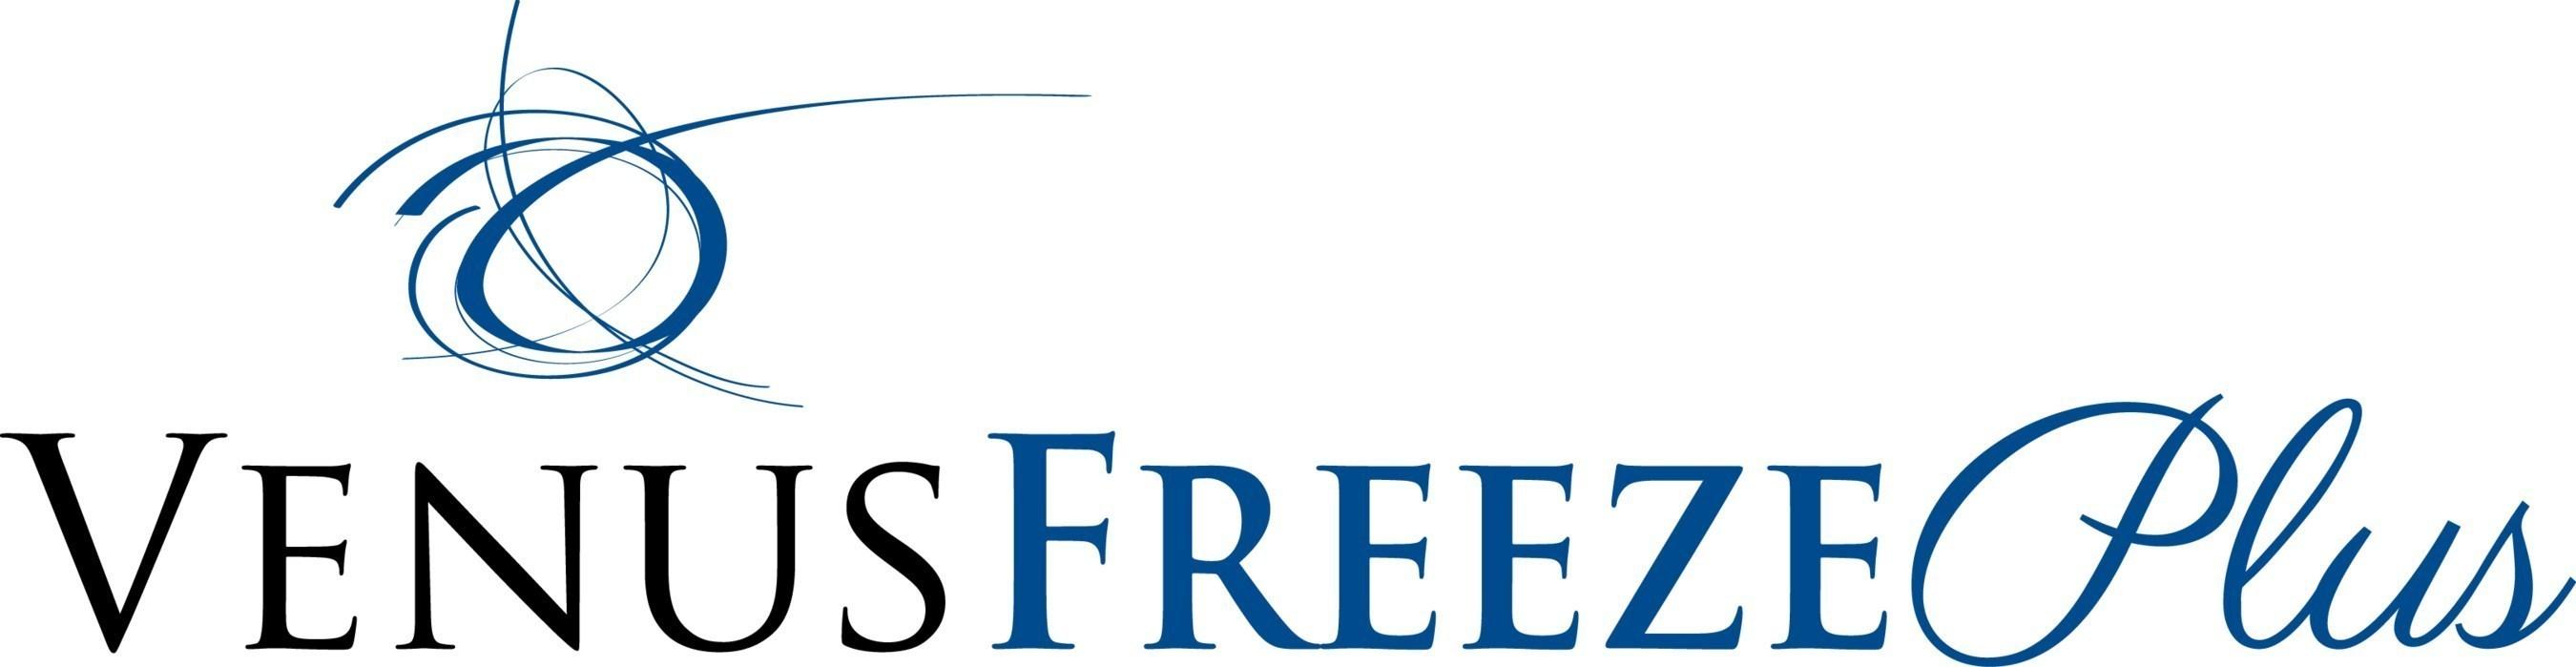 Venus Freeze Plus(TM) logo